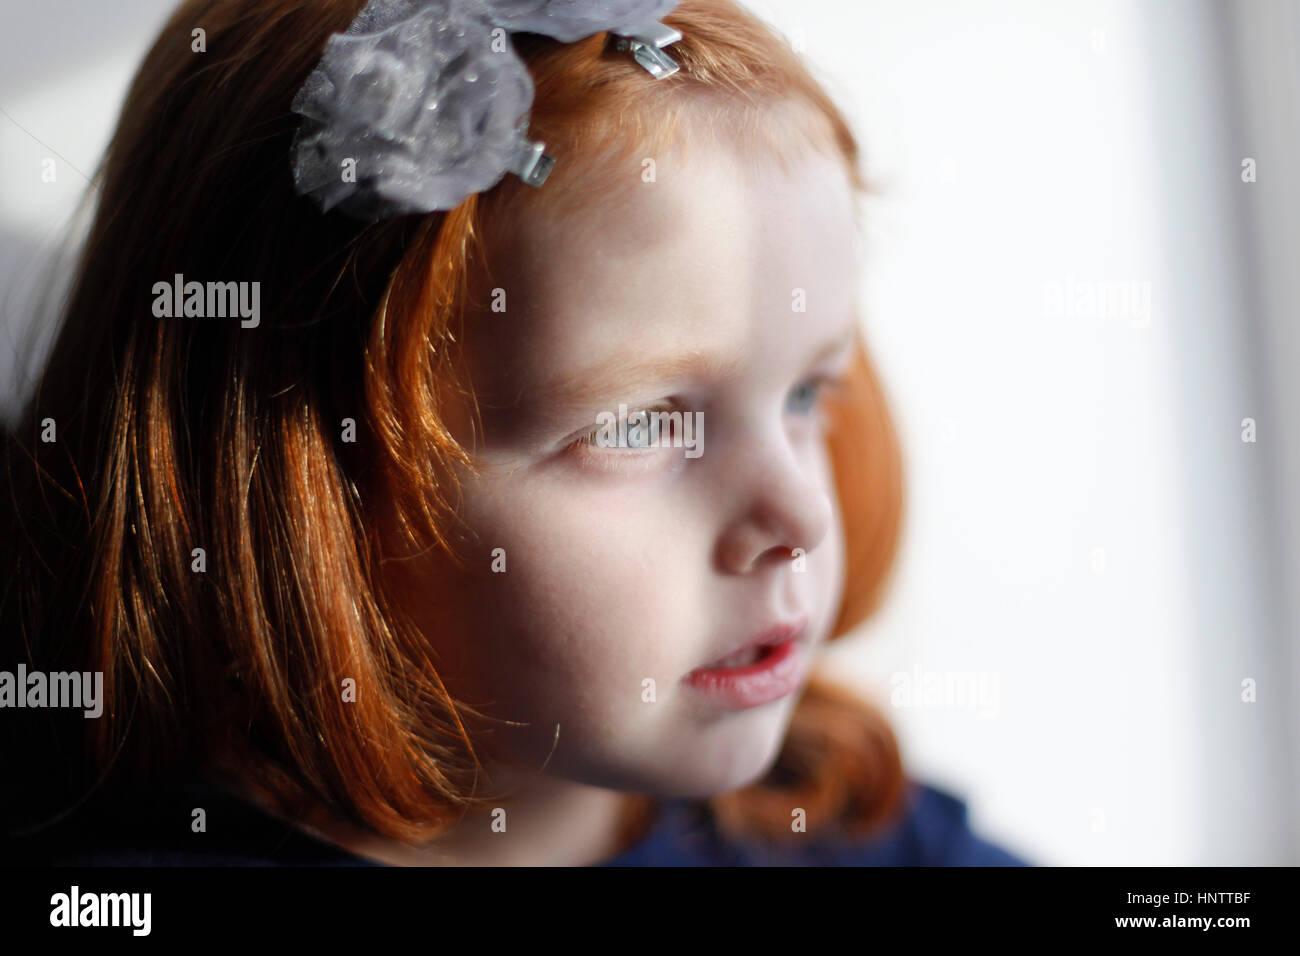 Ein 4 Jahre altes Mädchen mit Ingwer Haar sieht aus dem Fenster Stockbild